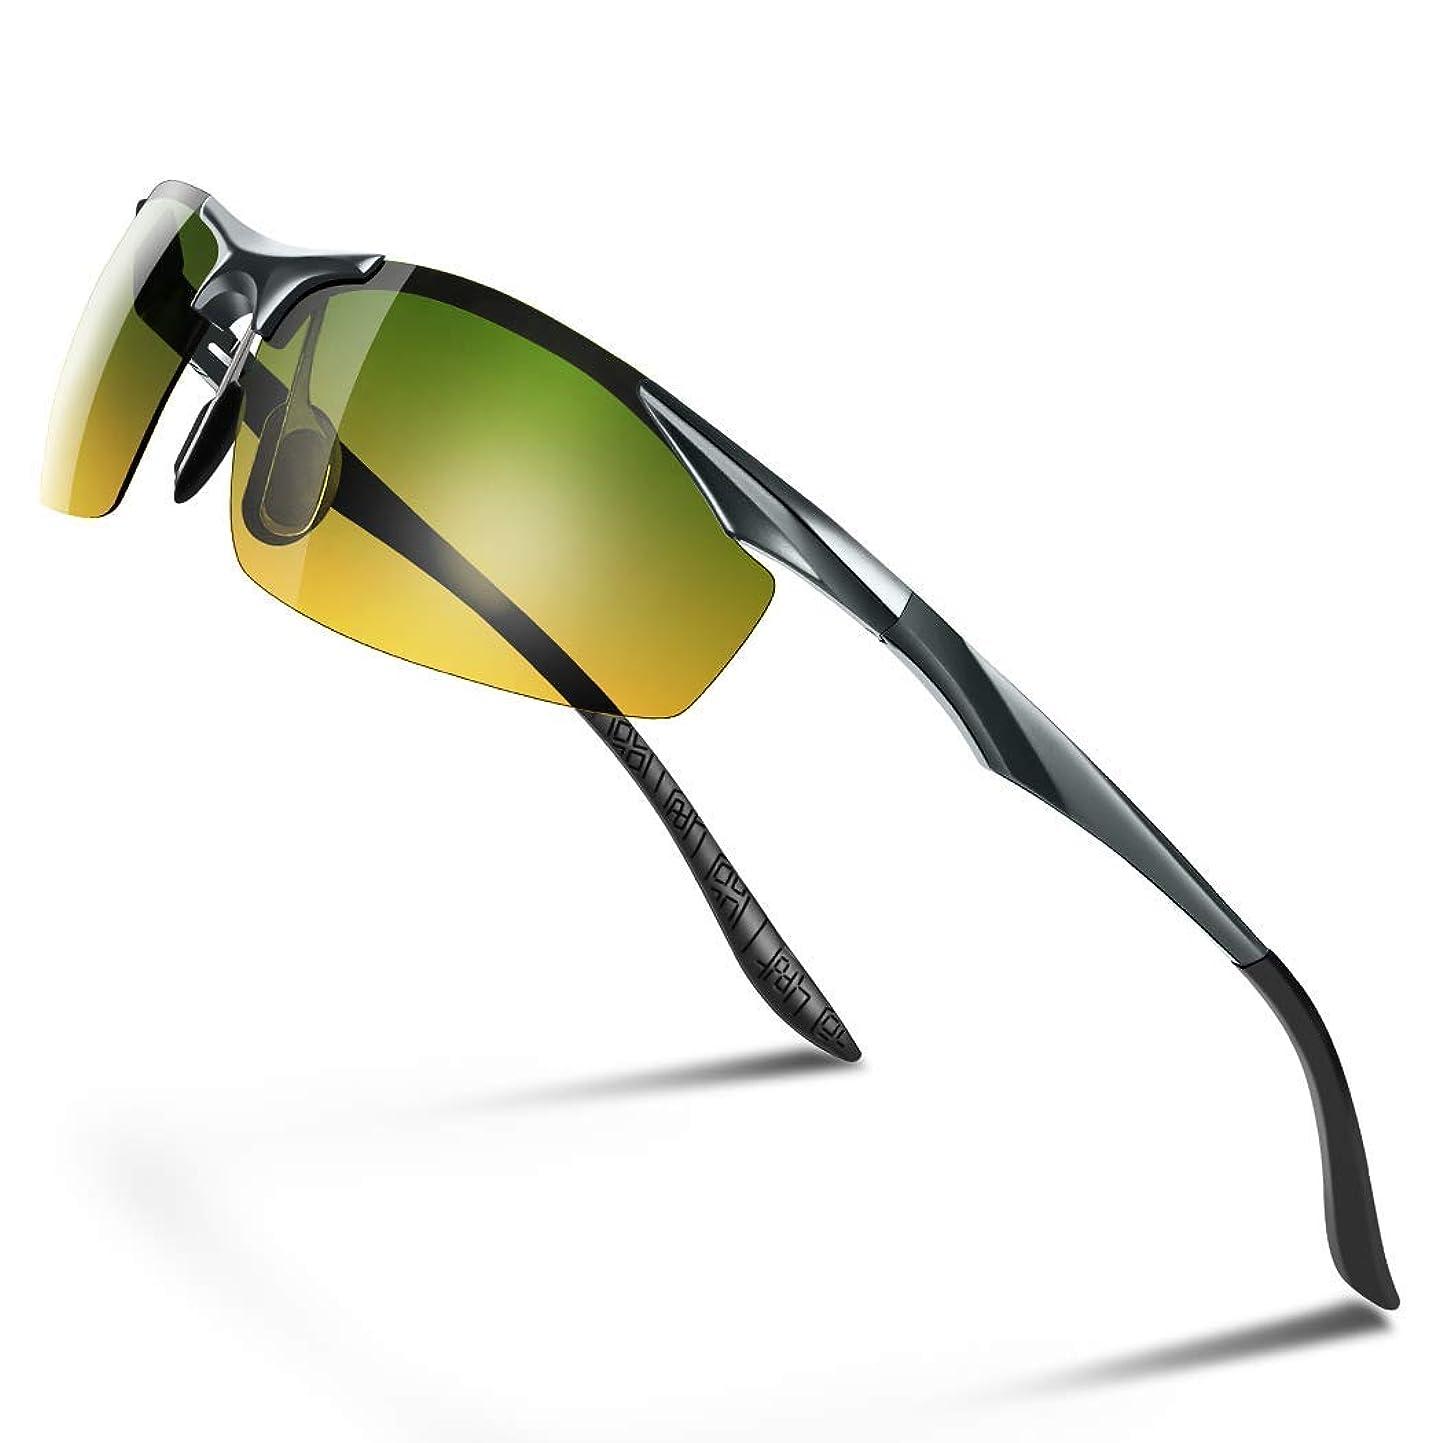 用心するスナックミュウミュウGlazata 偏光サングラス UV400 紫外線カット 超軽量 メタルフレームスポーツサングラス ドライブ/野球/自転車/釣り/ランニング/ゴルフ/運転 男女兼用